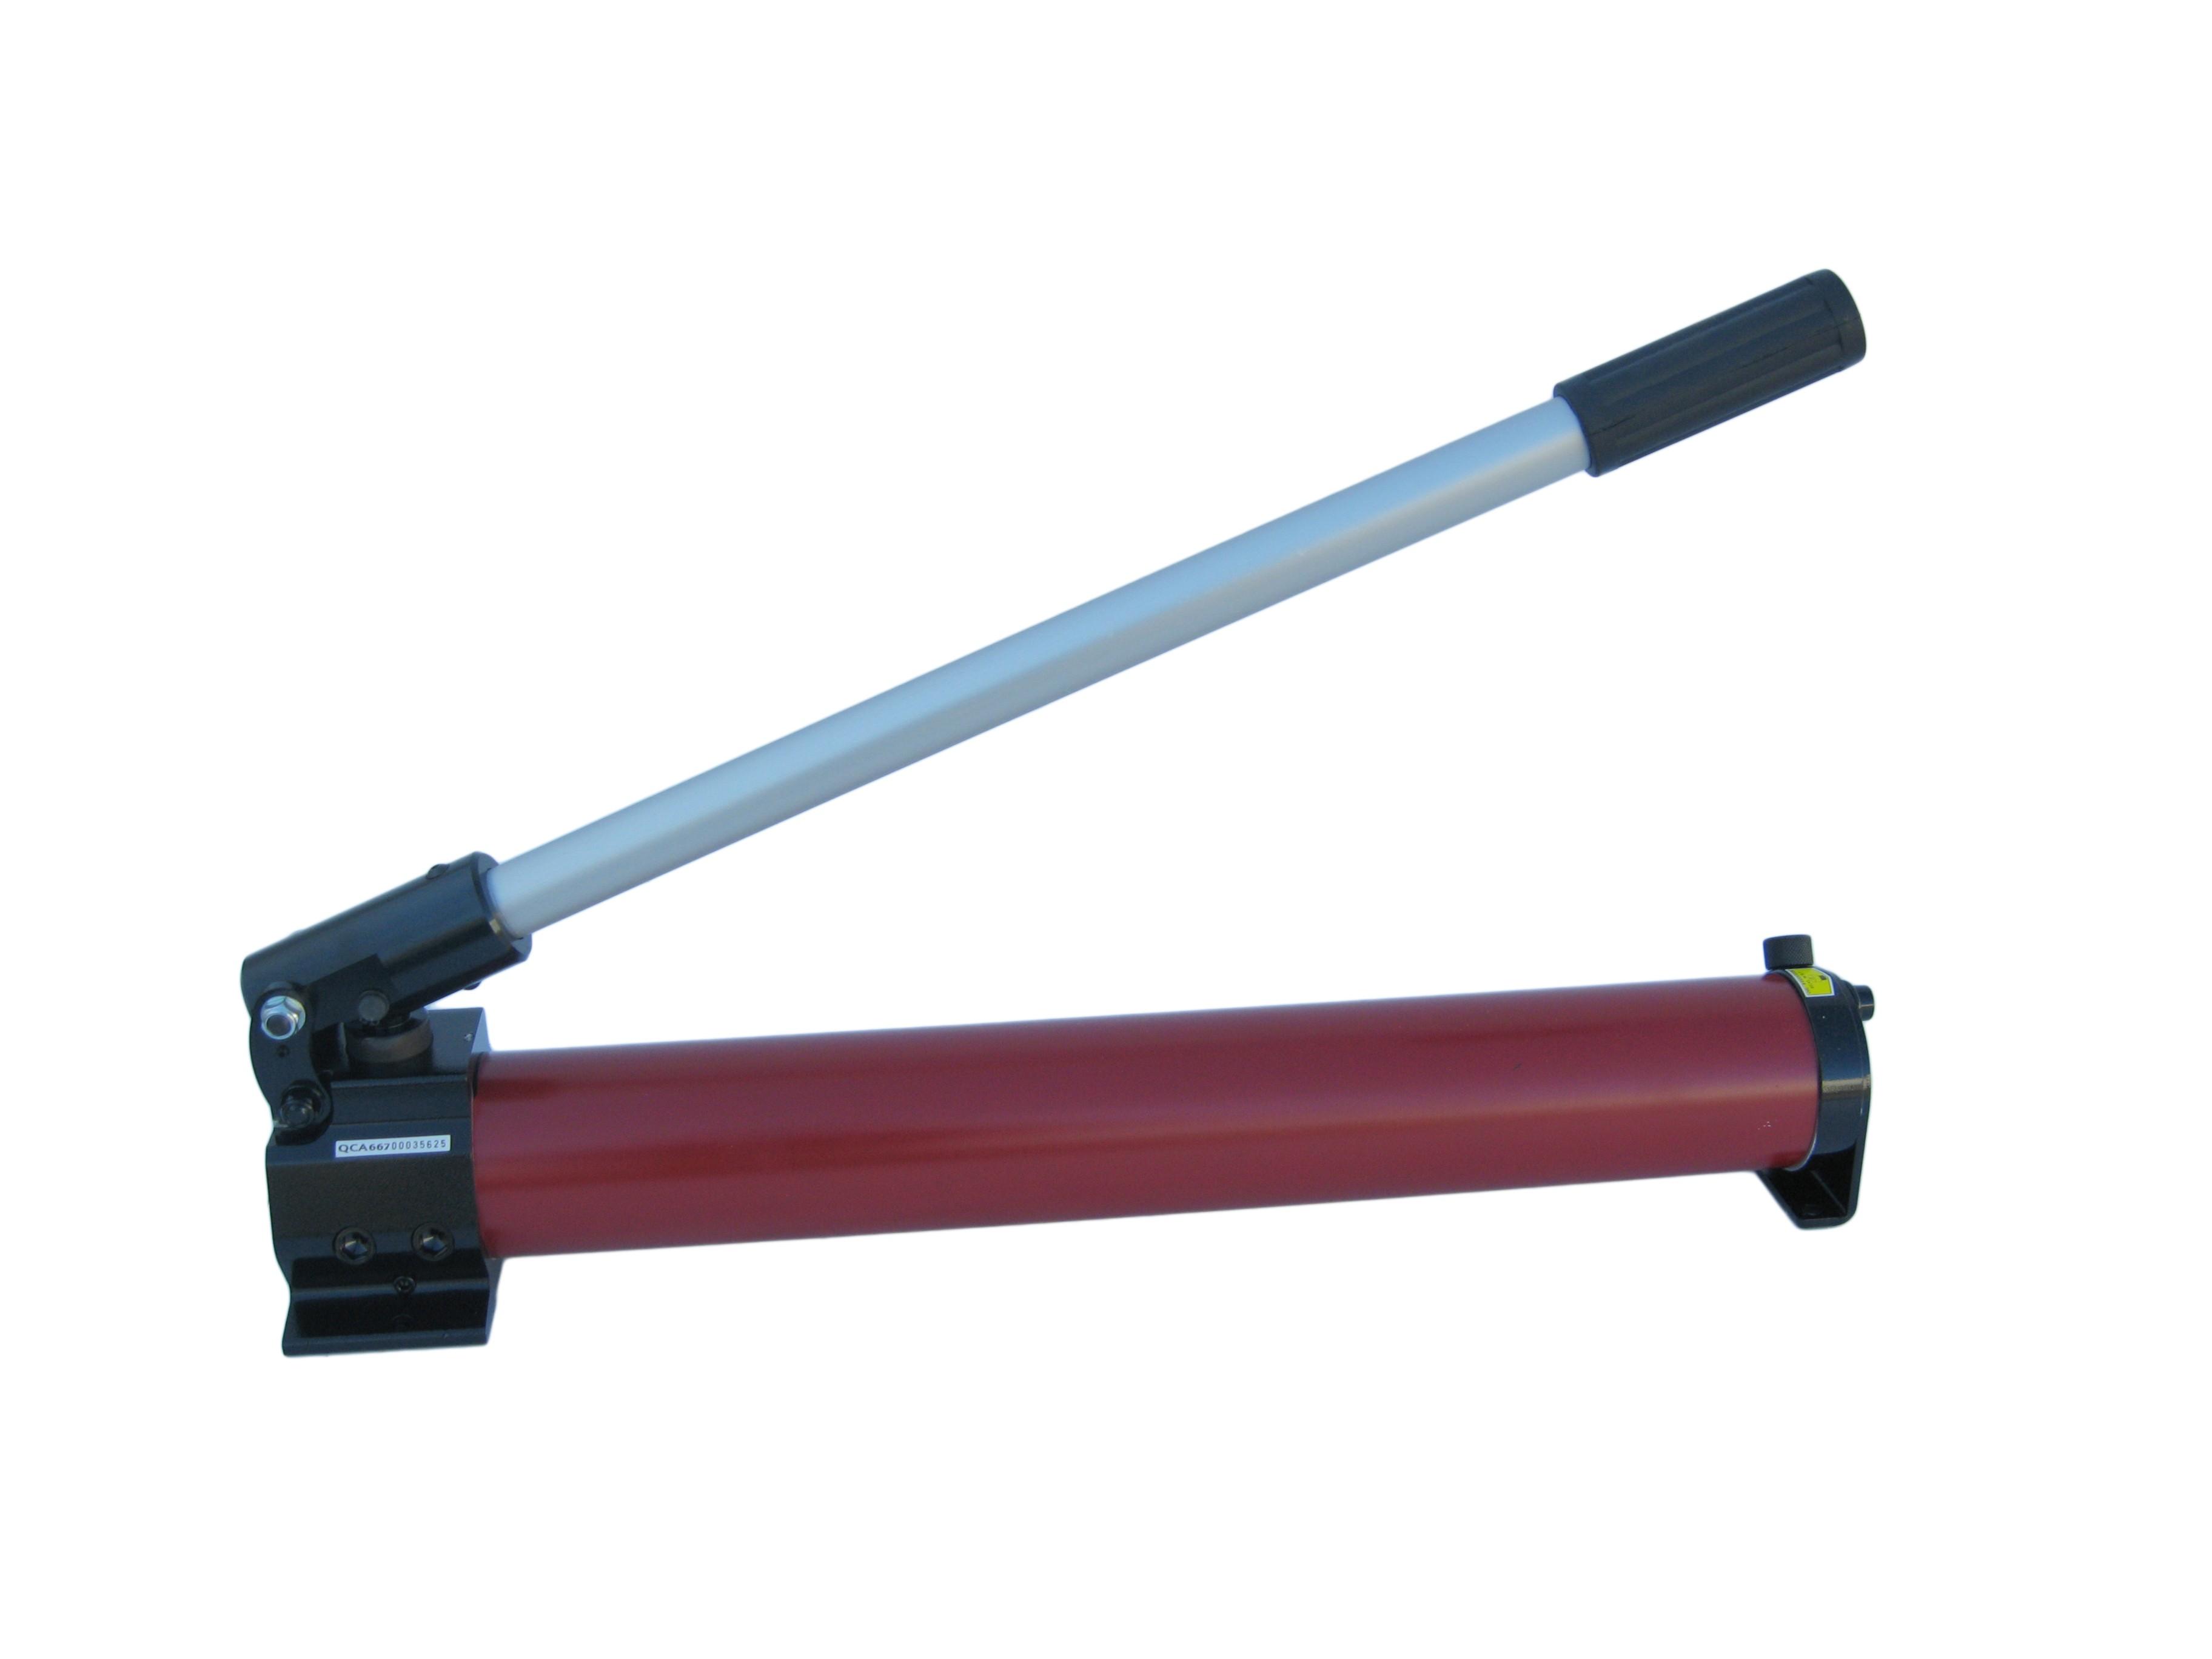 Zinko Zhp 80a Light Weight Aluminum Hydraulic Hand Pump